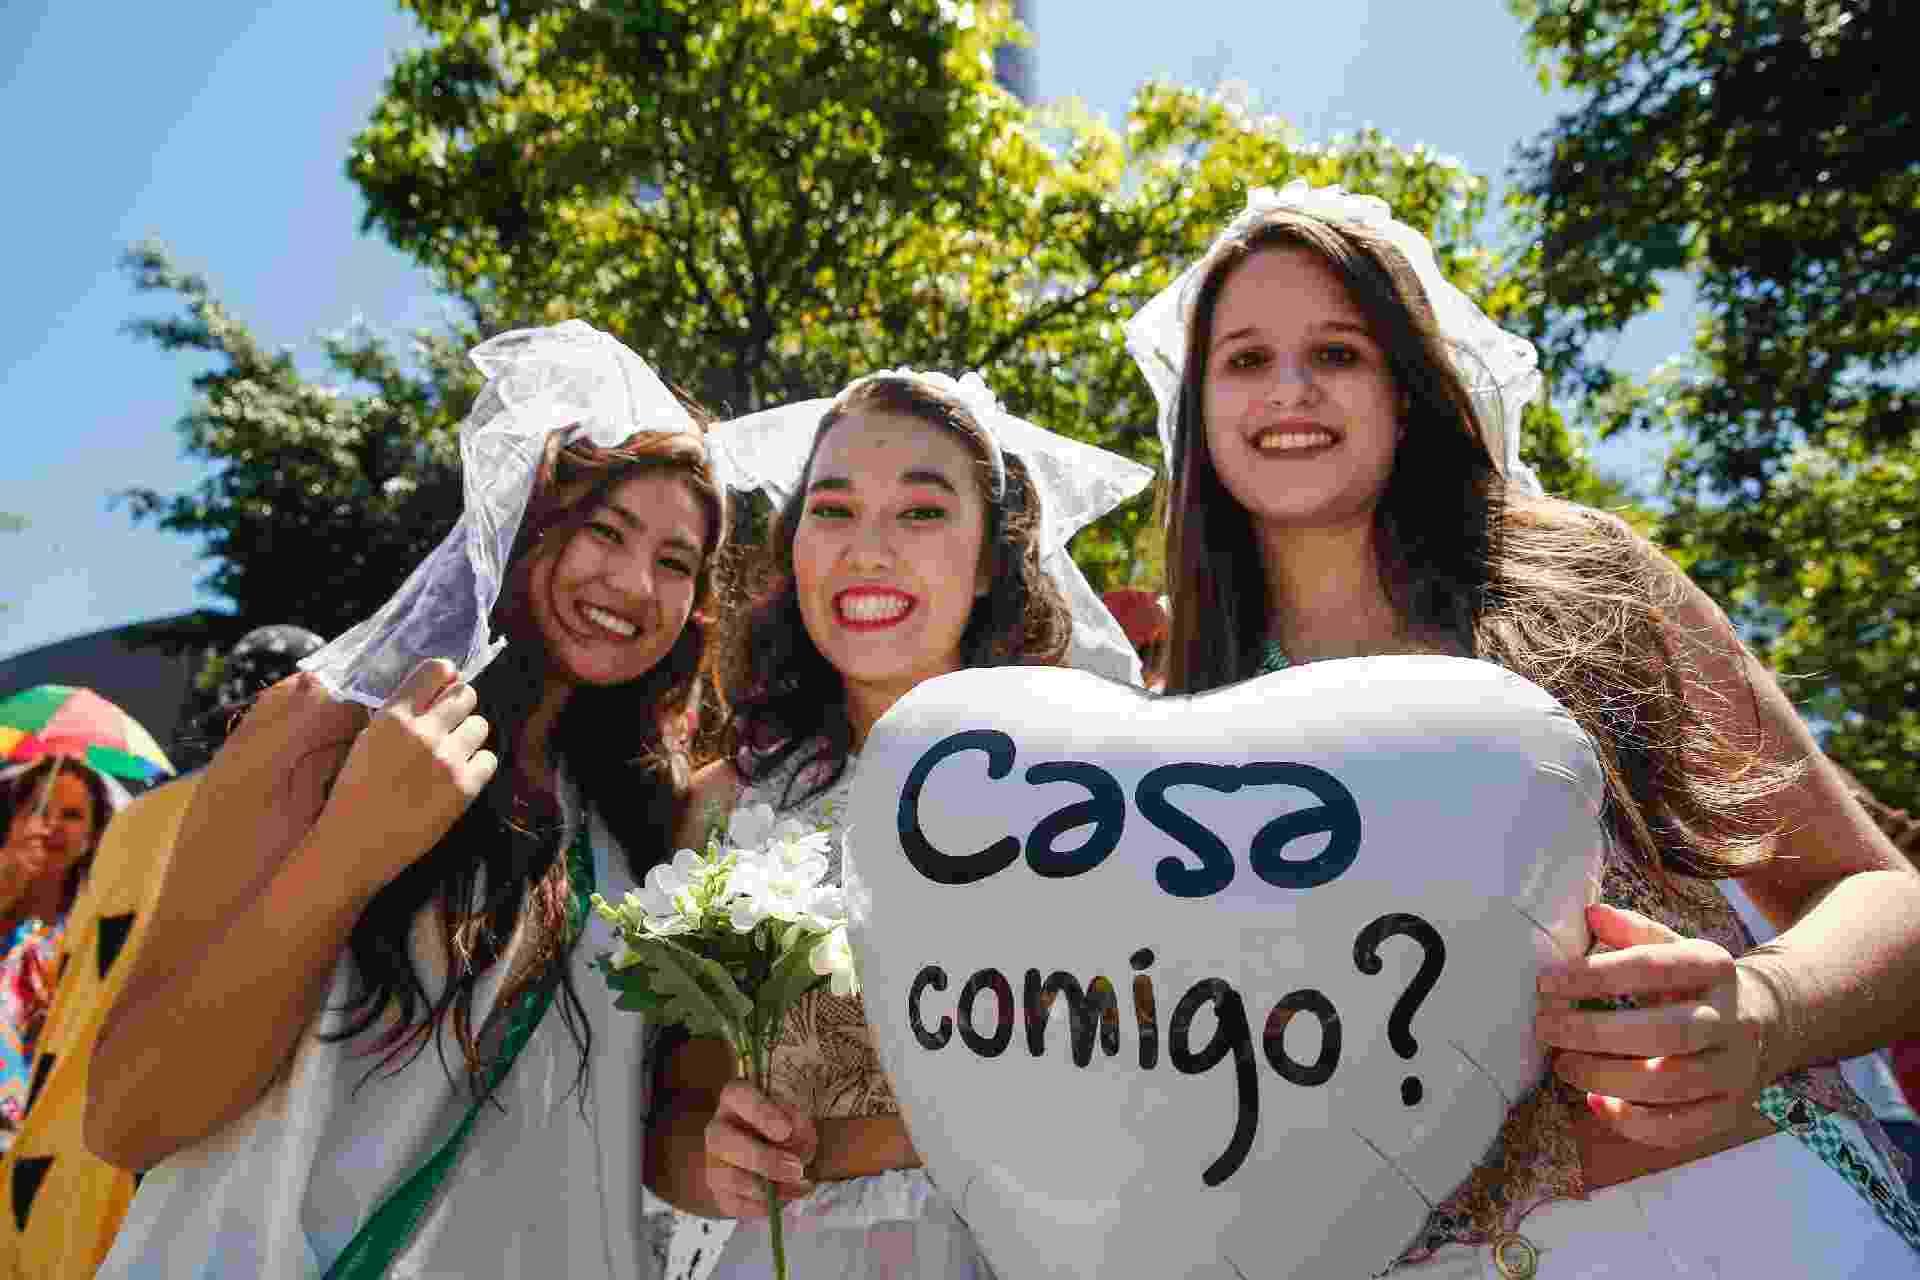 Movimentação de foliões no Bloco Casa Comigo, na Avenida Faria Lima, em São Paulo, neste sábado - Leco Viana/Futura Press/Estadão Conteúdo